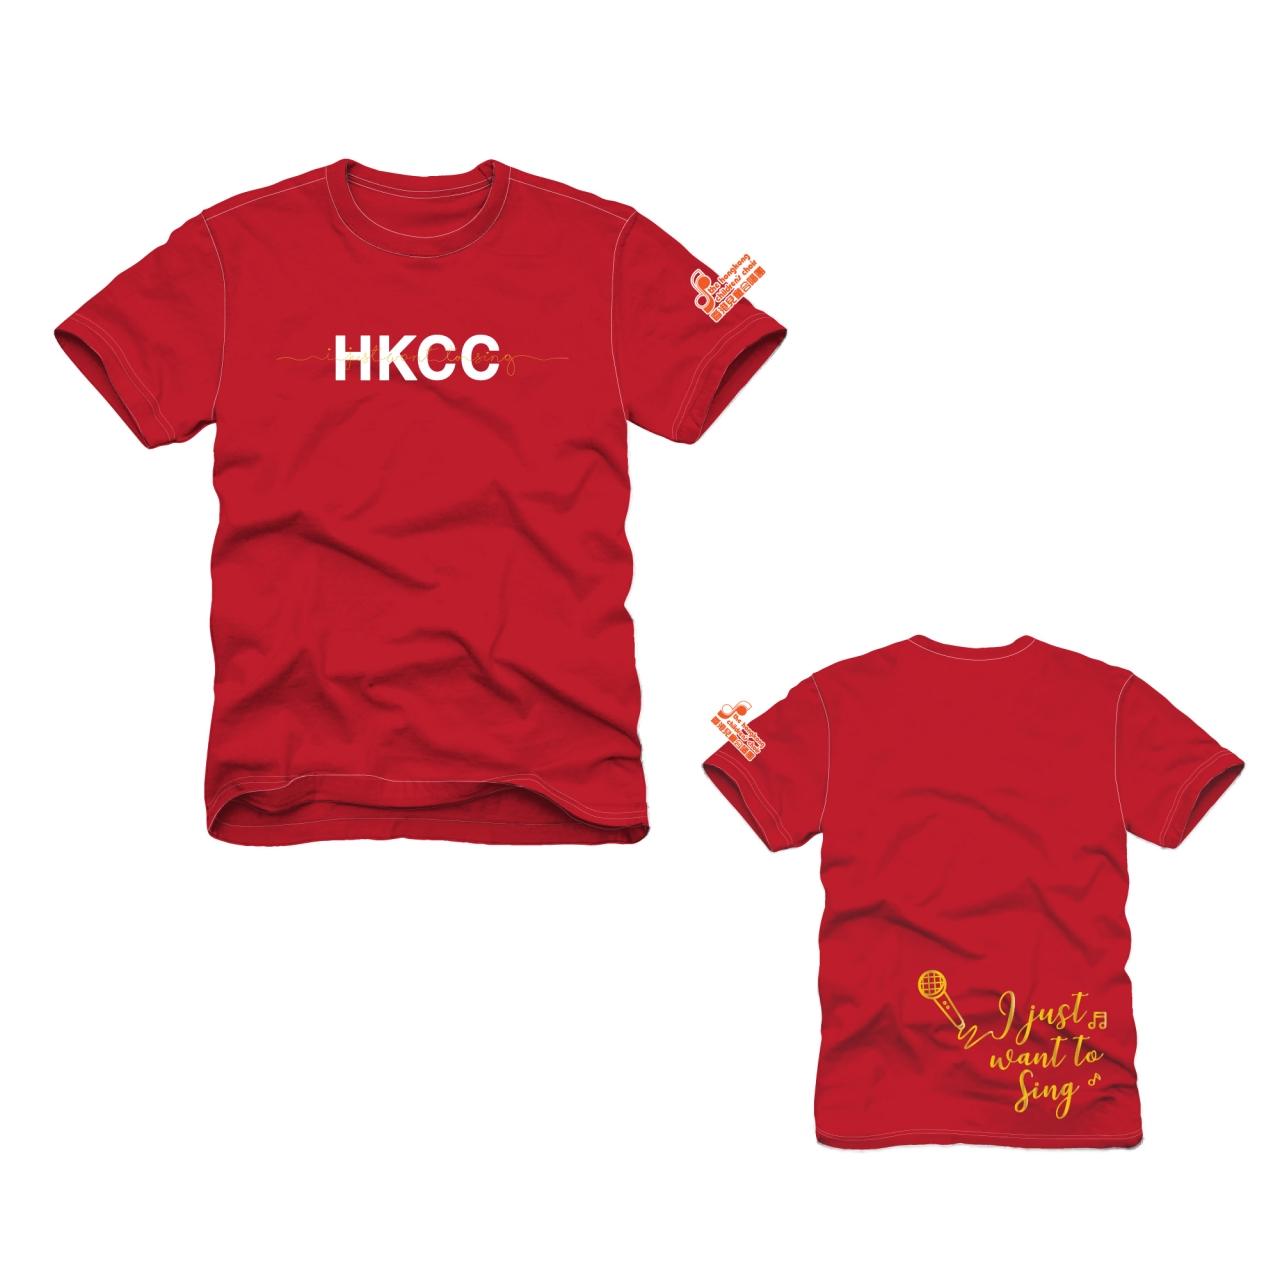 HKCC T-shirt (Red)